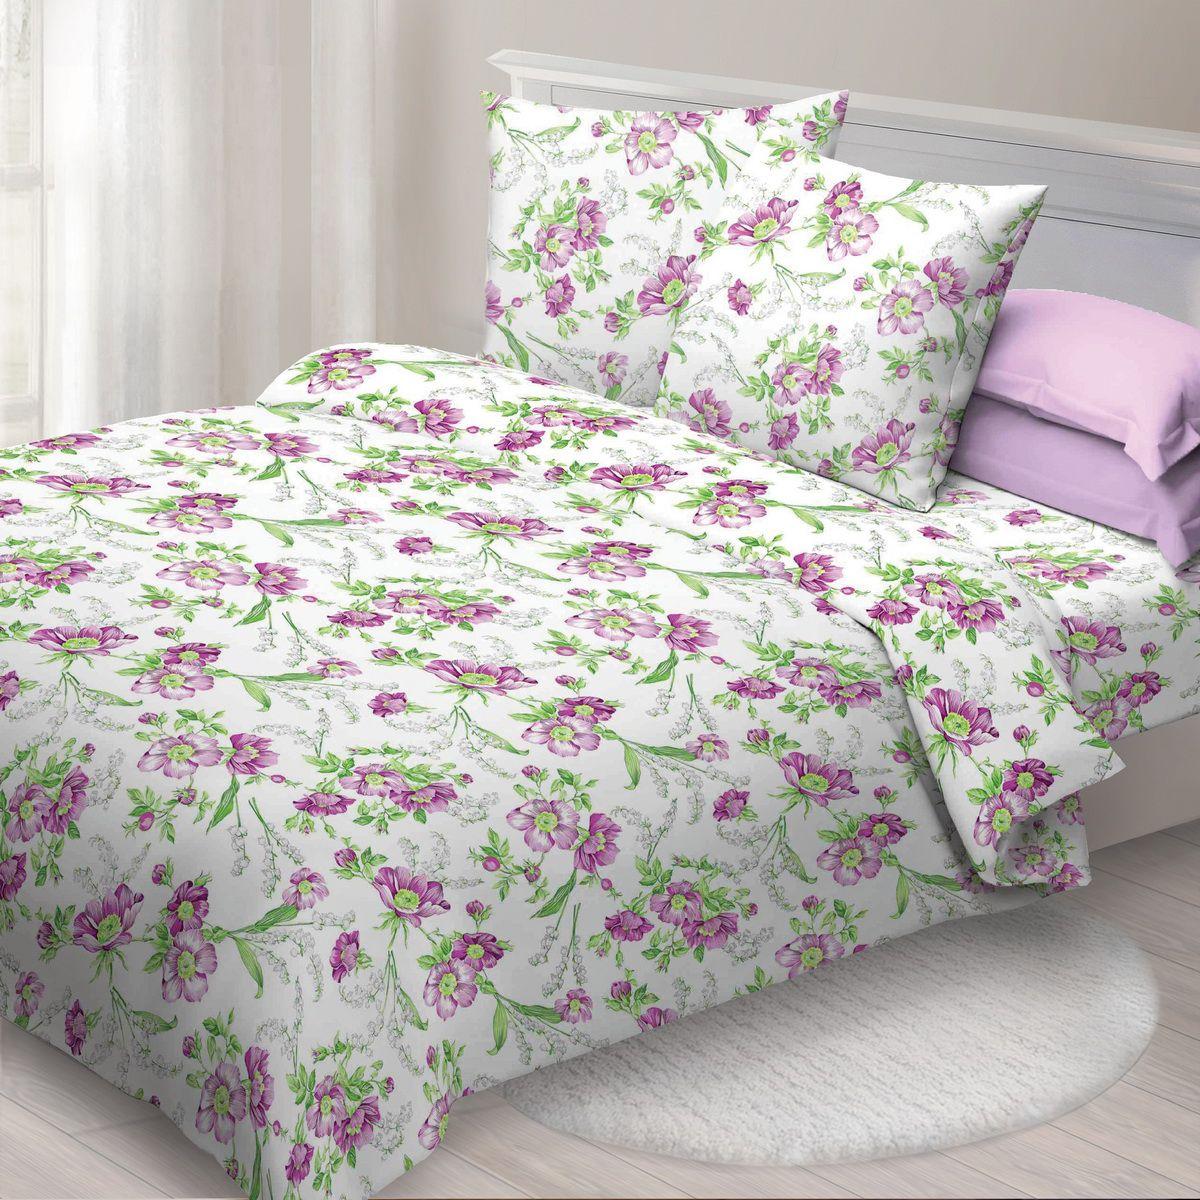 Комплект белья Спал Спалыч Монмартр, 2-спальное, наволочки 70x70, цвет: розовый10503Спал Спалыч - недорогое, но качественное постельное белье из белорусской бязи. Актуальные дизайны, авторская упаковка в сочетании с качественными материалами и приемлемой ценой - залог успеха Спал Спалыча!В ассортименте широкая линейка домашнего текстиля для всей семьи - современные дизайны современному покупателю! Ткань обработана по технологии PERFECT WAY - благодаря чему, она становится более гладкой и шелковистой.• Бязь Барановичи 100% хлопок• Плотность ткани - 125 гр/кв.м.